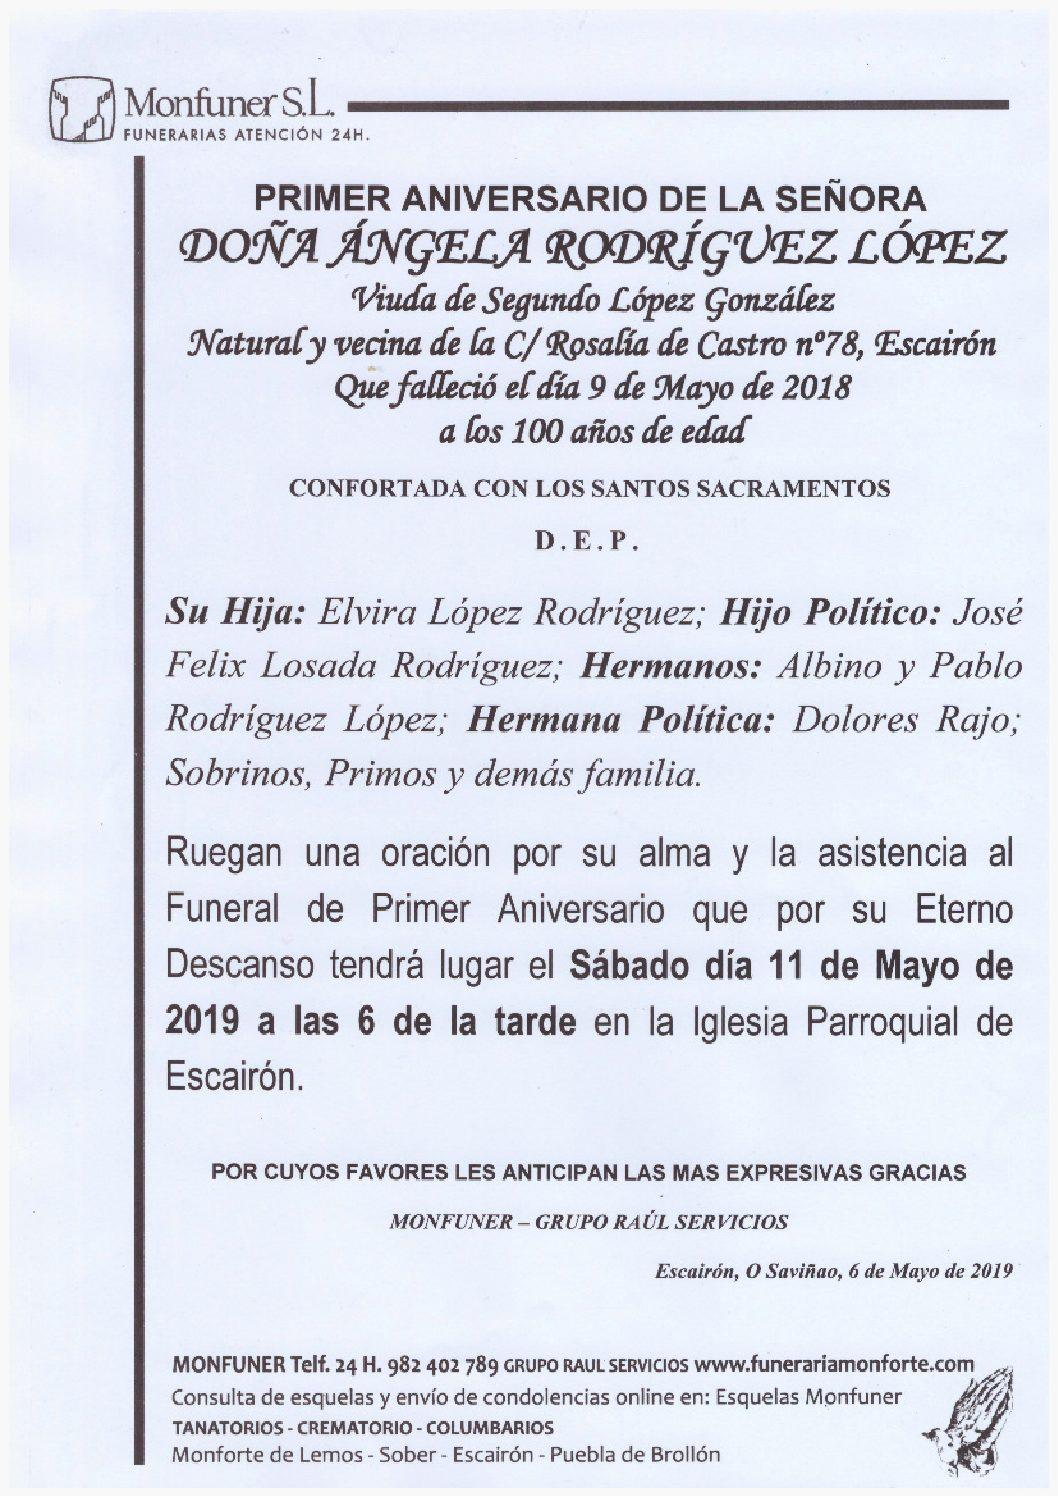 PRIMER ANIVERSARIO DE DOÑA ANGELA RODRIGUEZ LOPEZ